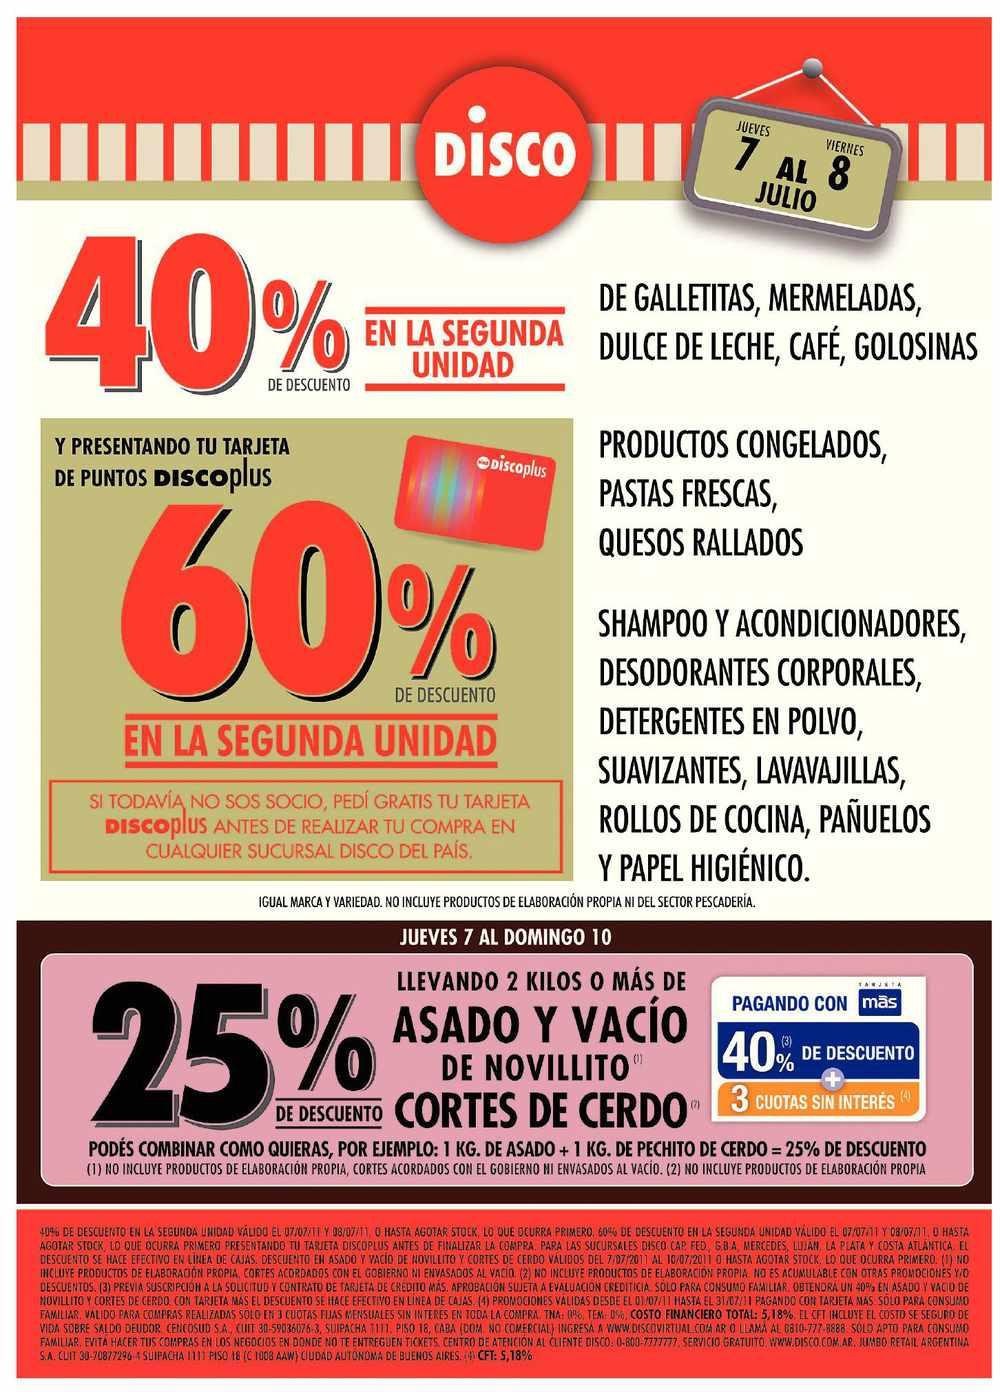 Disco Ofertas Promociones Y Descuentos En Disco | Autos Weblog